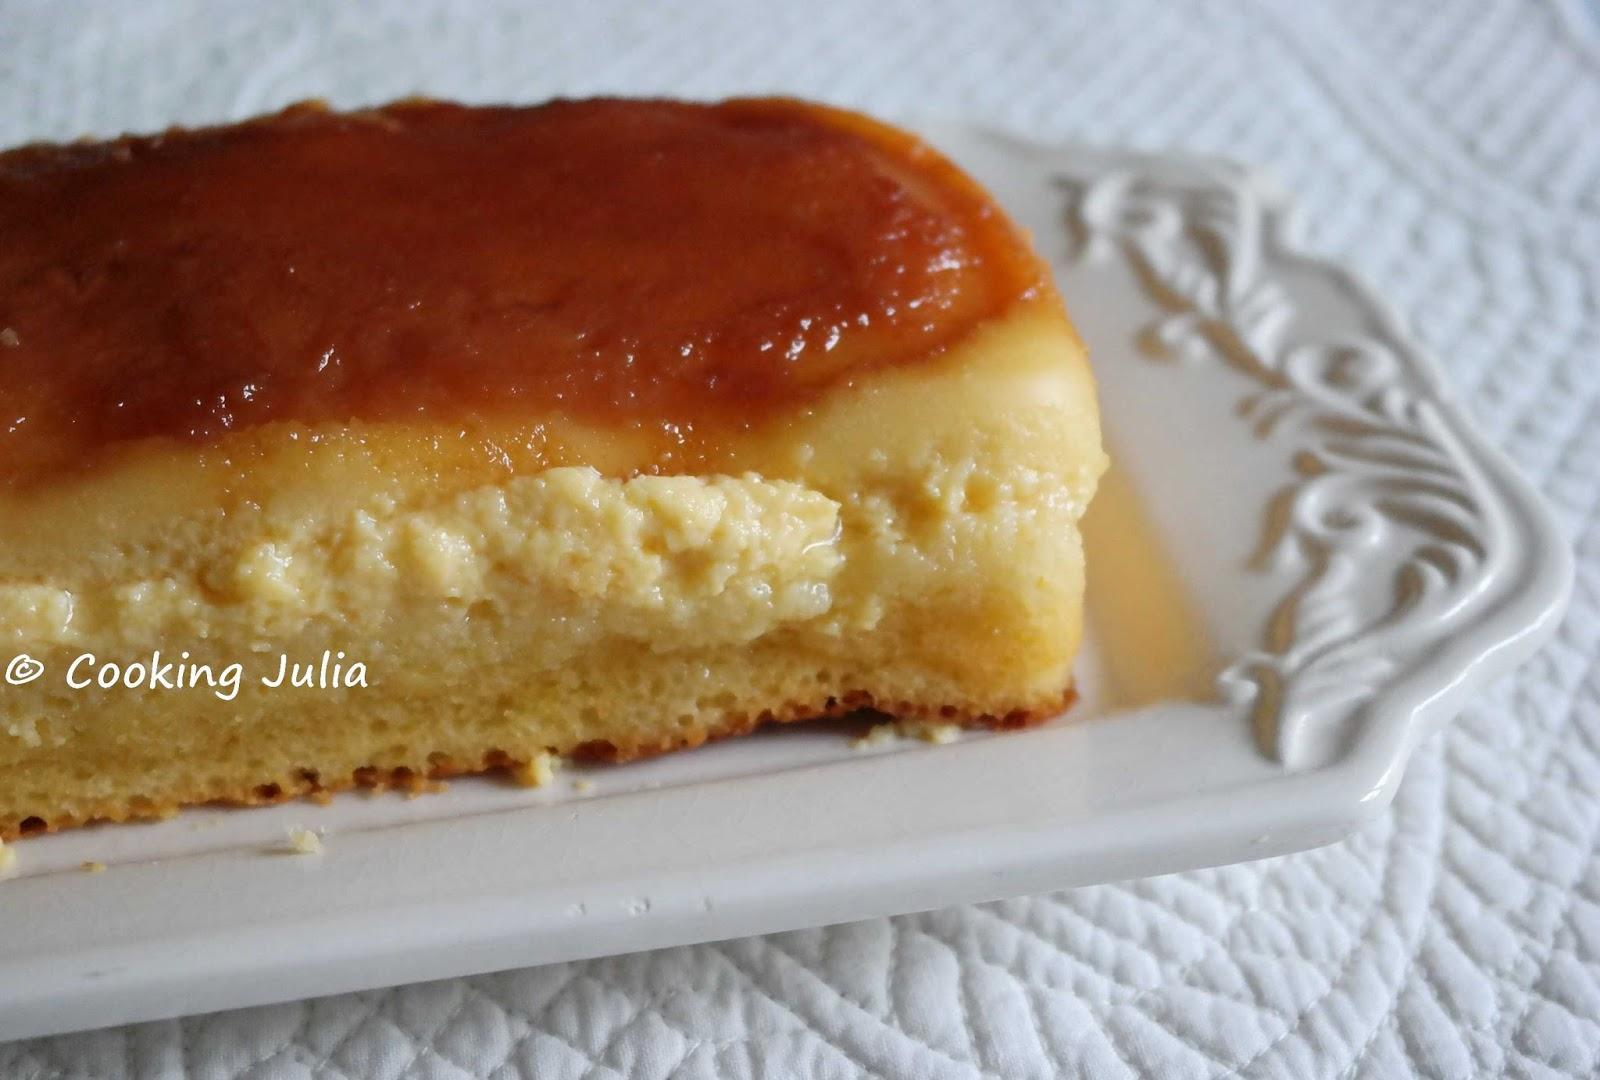 Cooking Julia Cake Au Flan